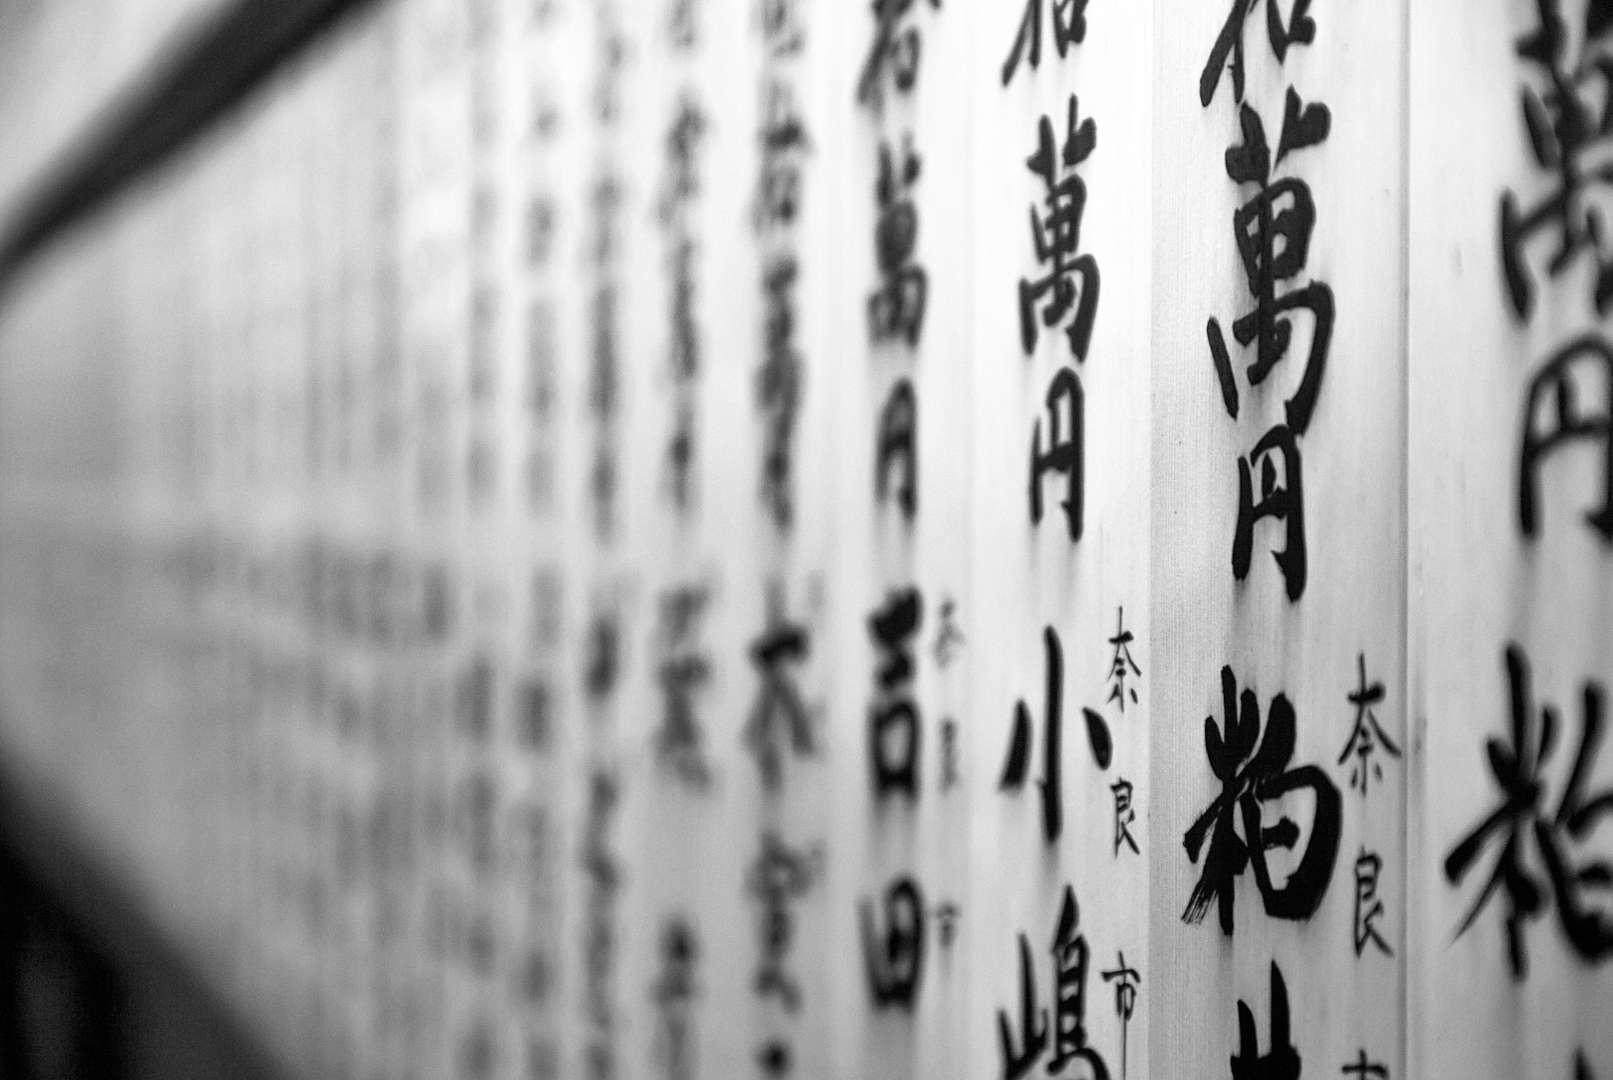 Kanjis y caligrafía japonesa en fondo blanco.